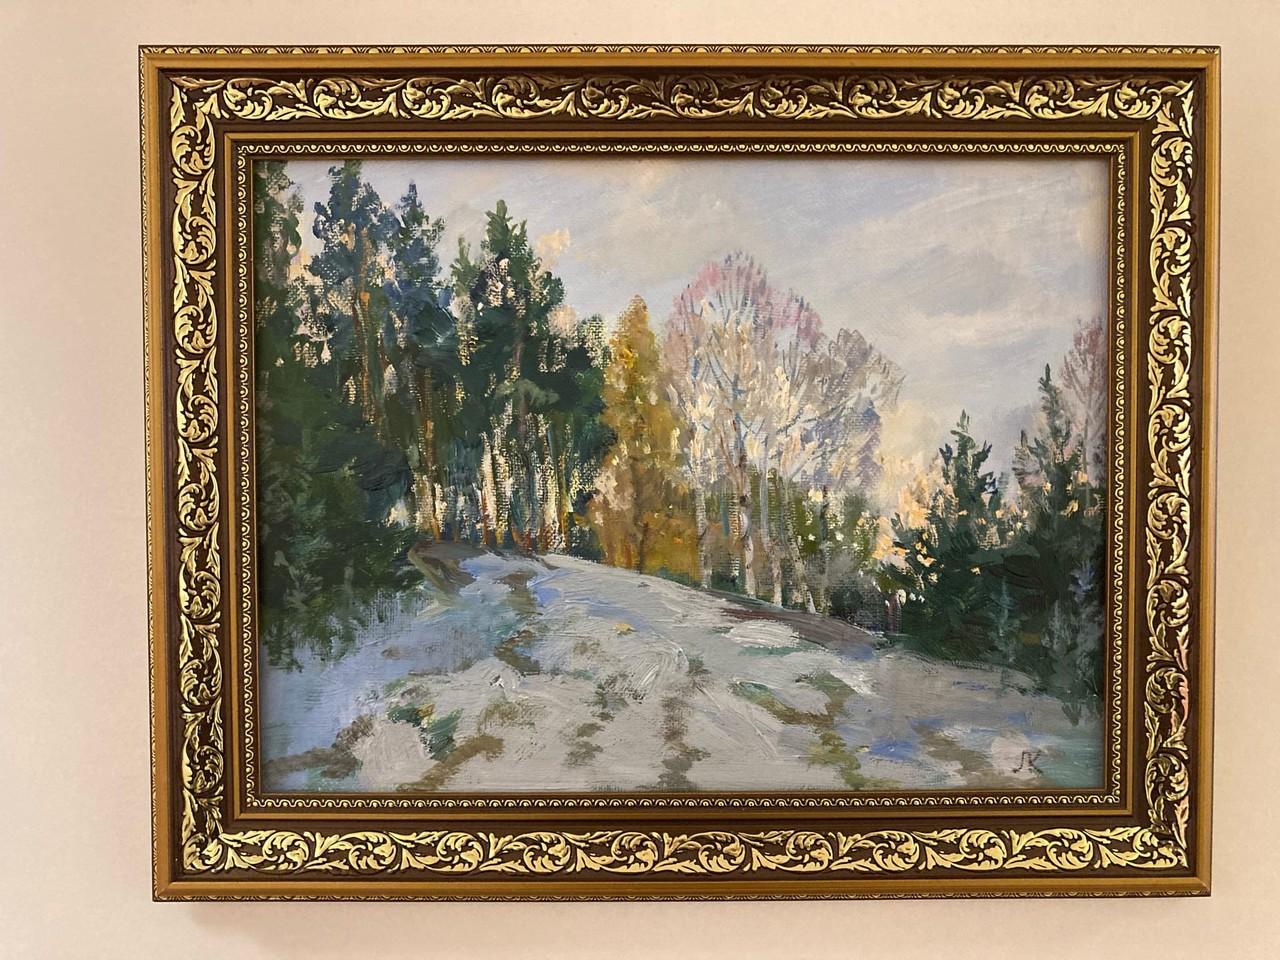 В Тамбовском филиале РАНХиГС открылась юбилейная выставка Людмилы Кудрявцевой